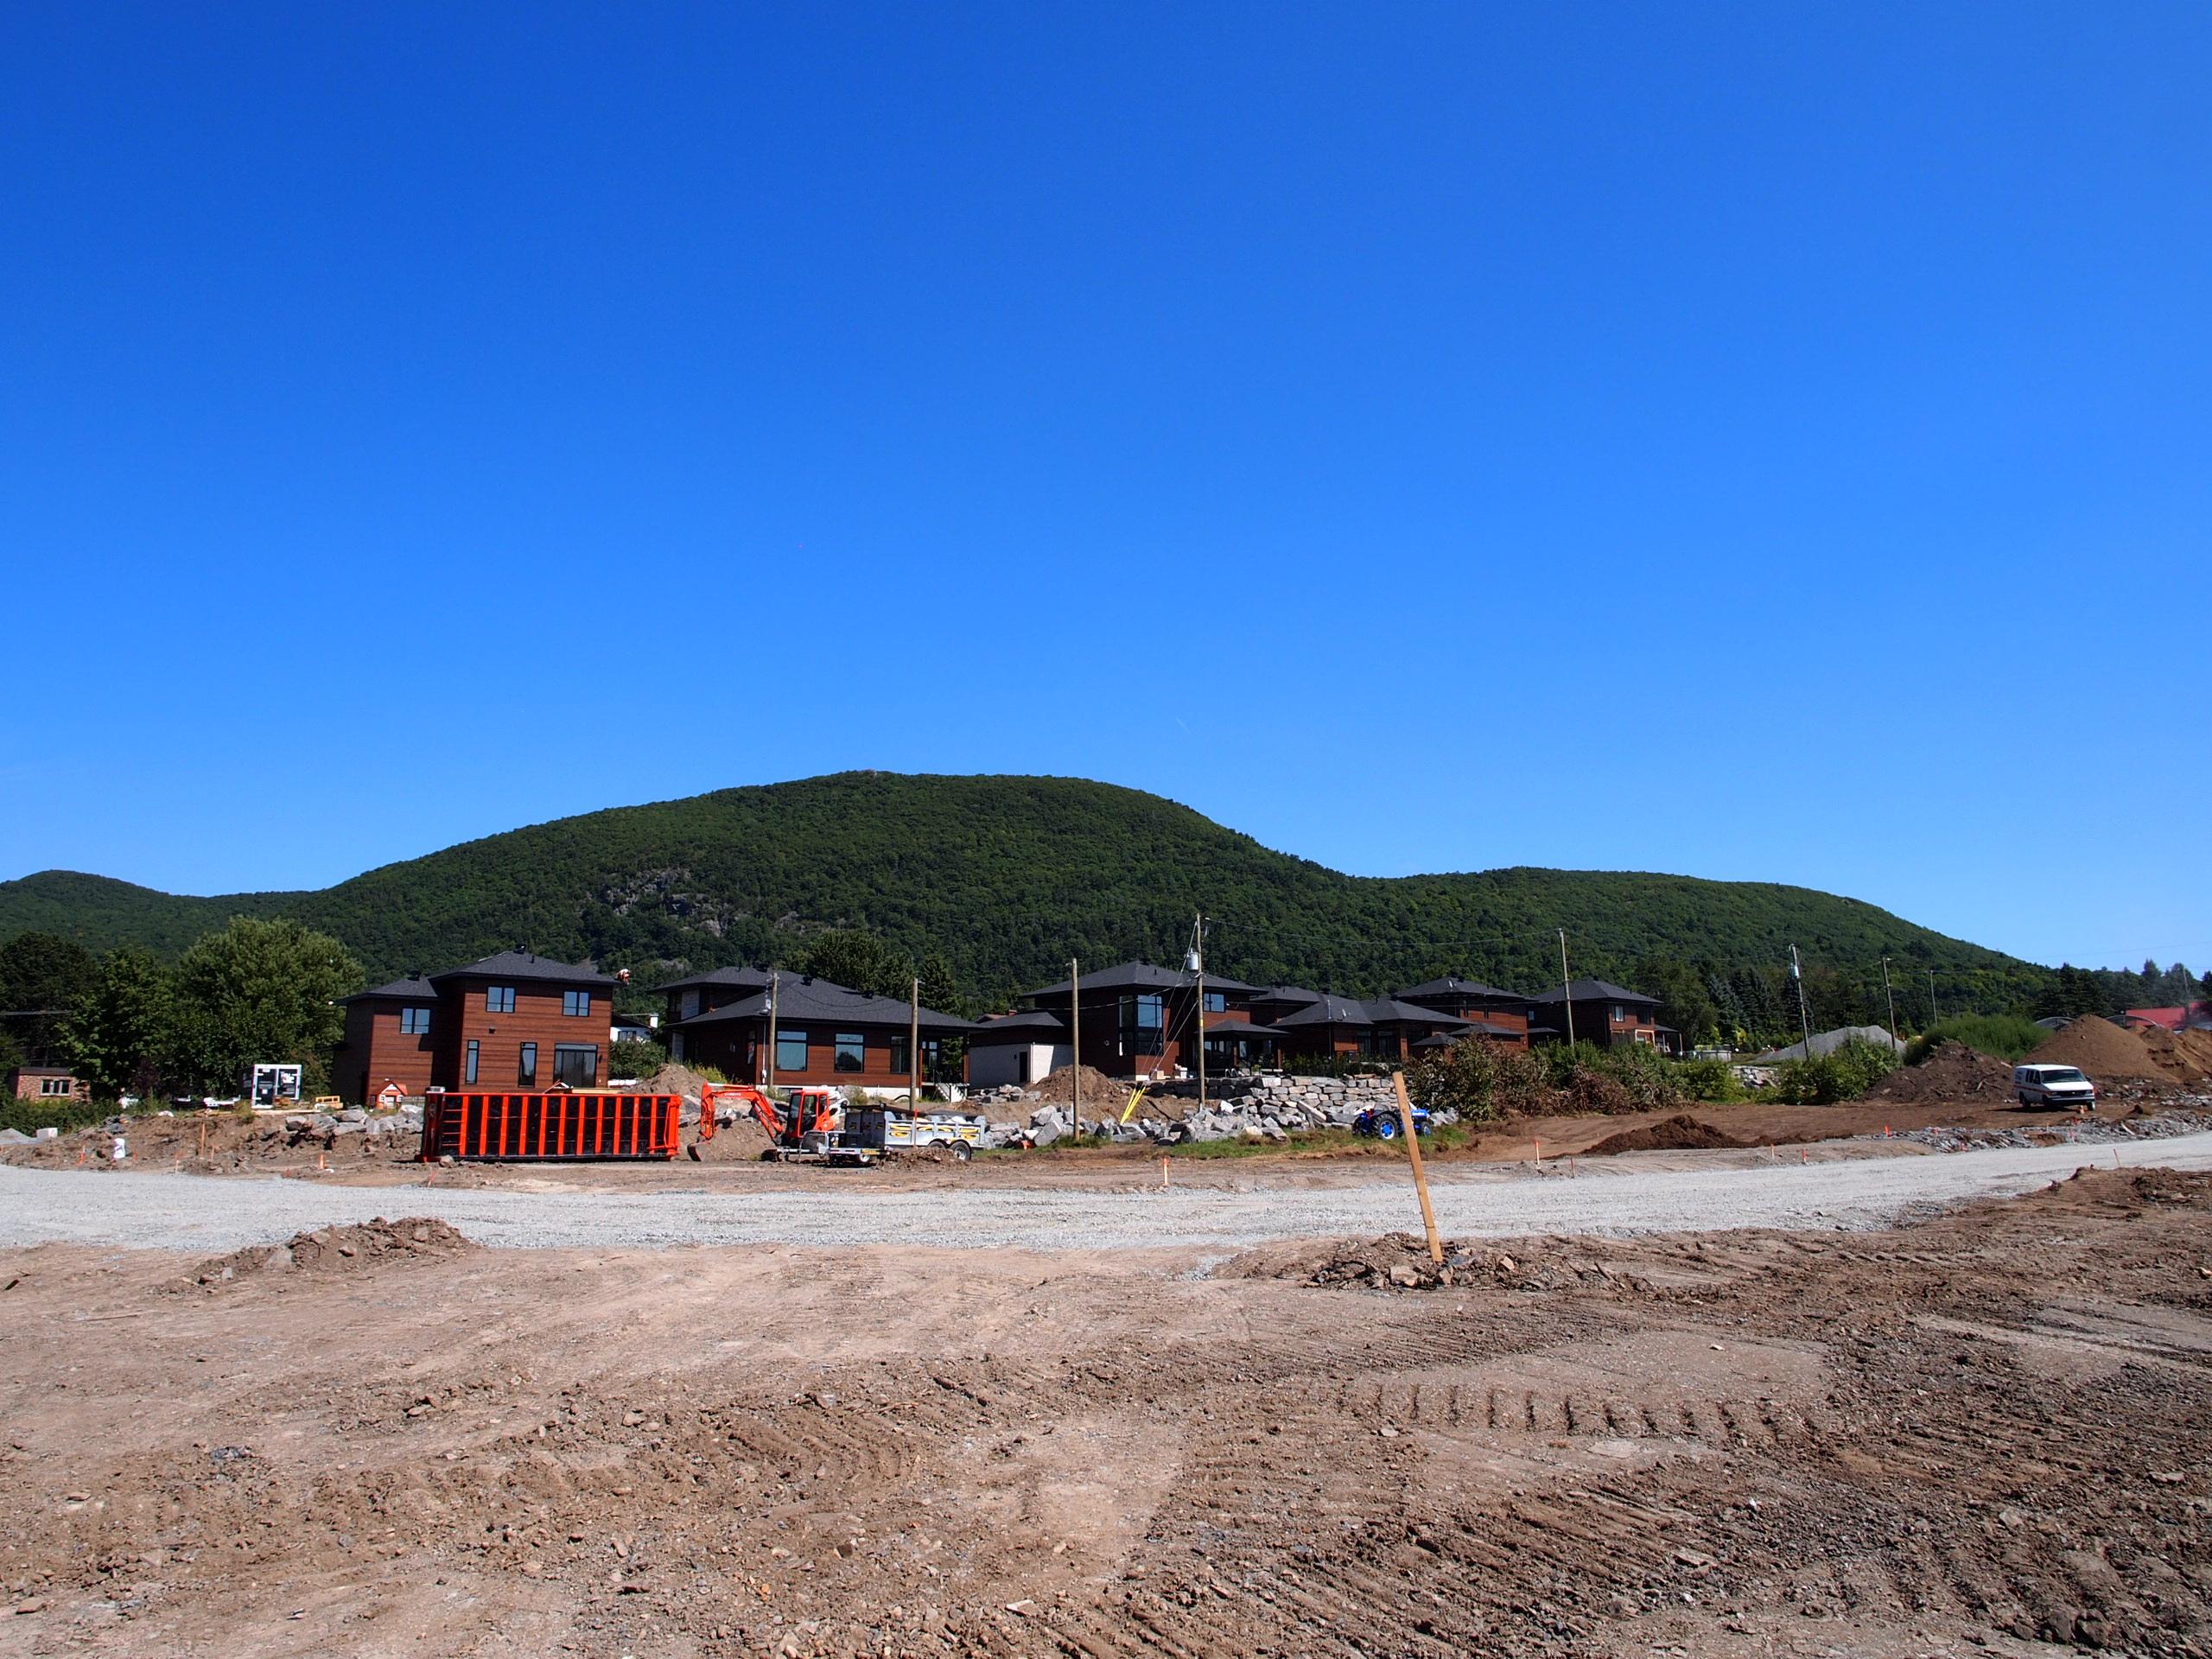 Développement immobilier OtterburnPark